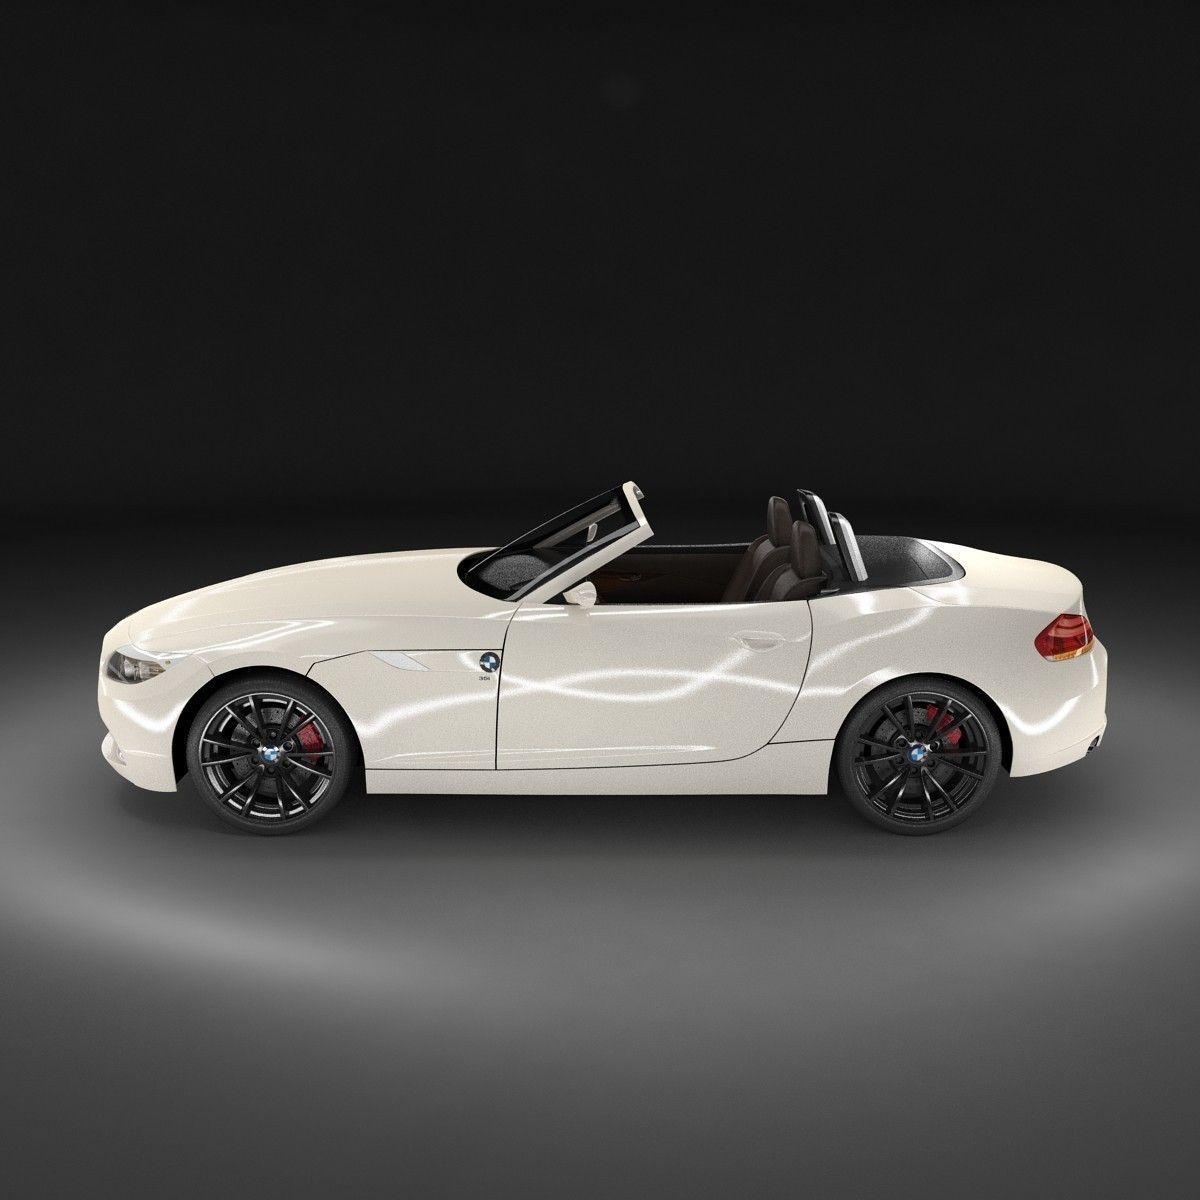 Bmw Z4 2009: BMW Z4 2009 3D Model .max .obj